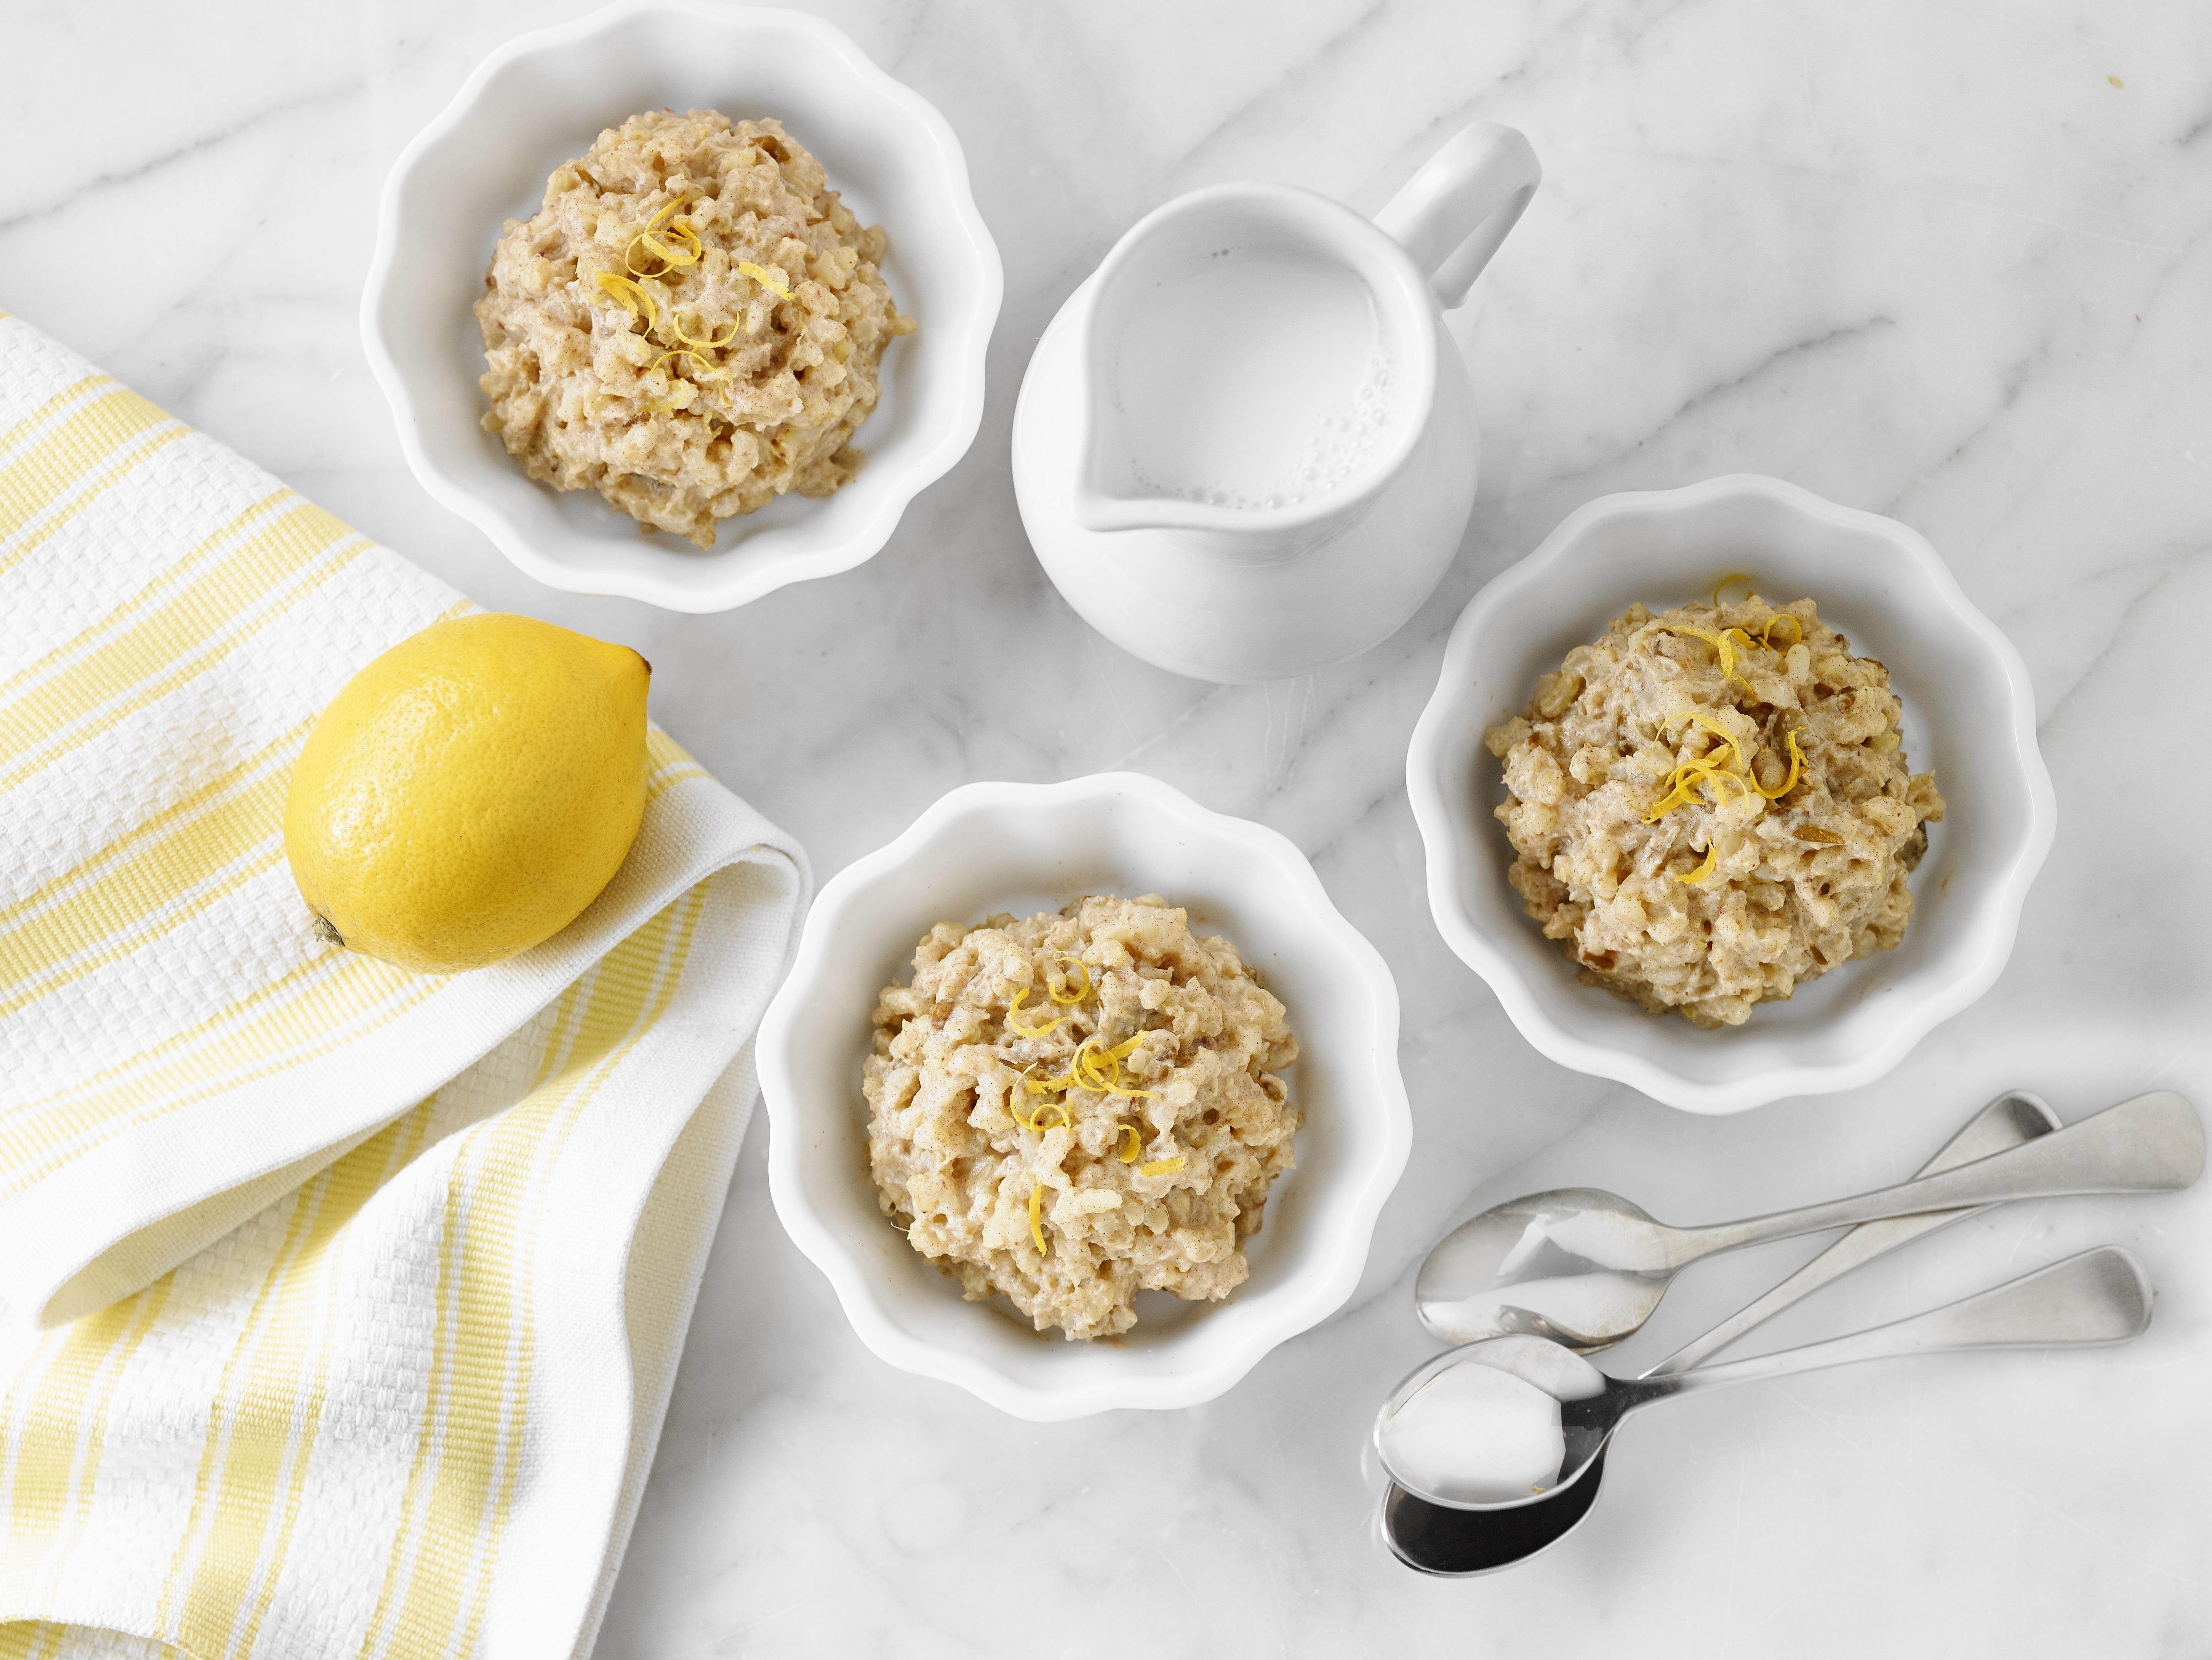 trois bols de la date de citron pouding au riz sur nappe blanche